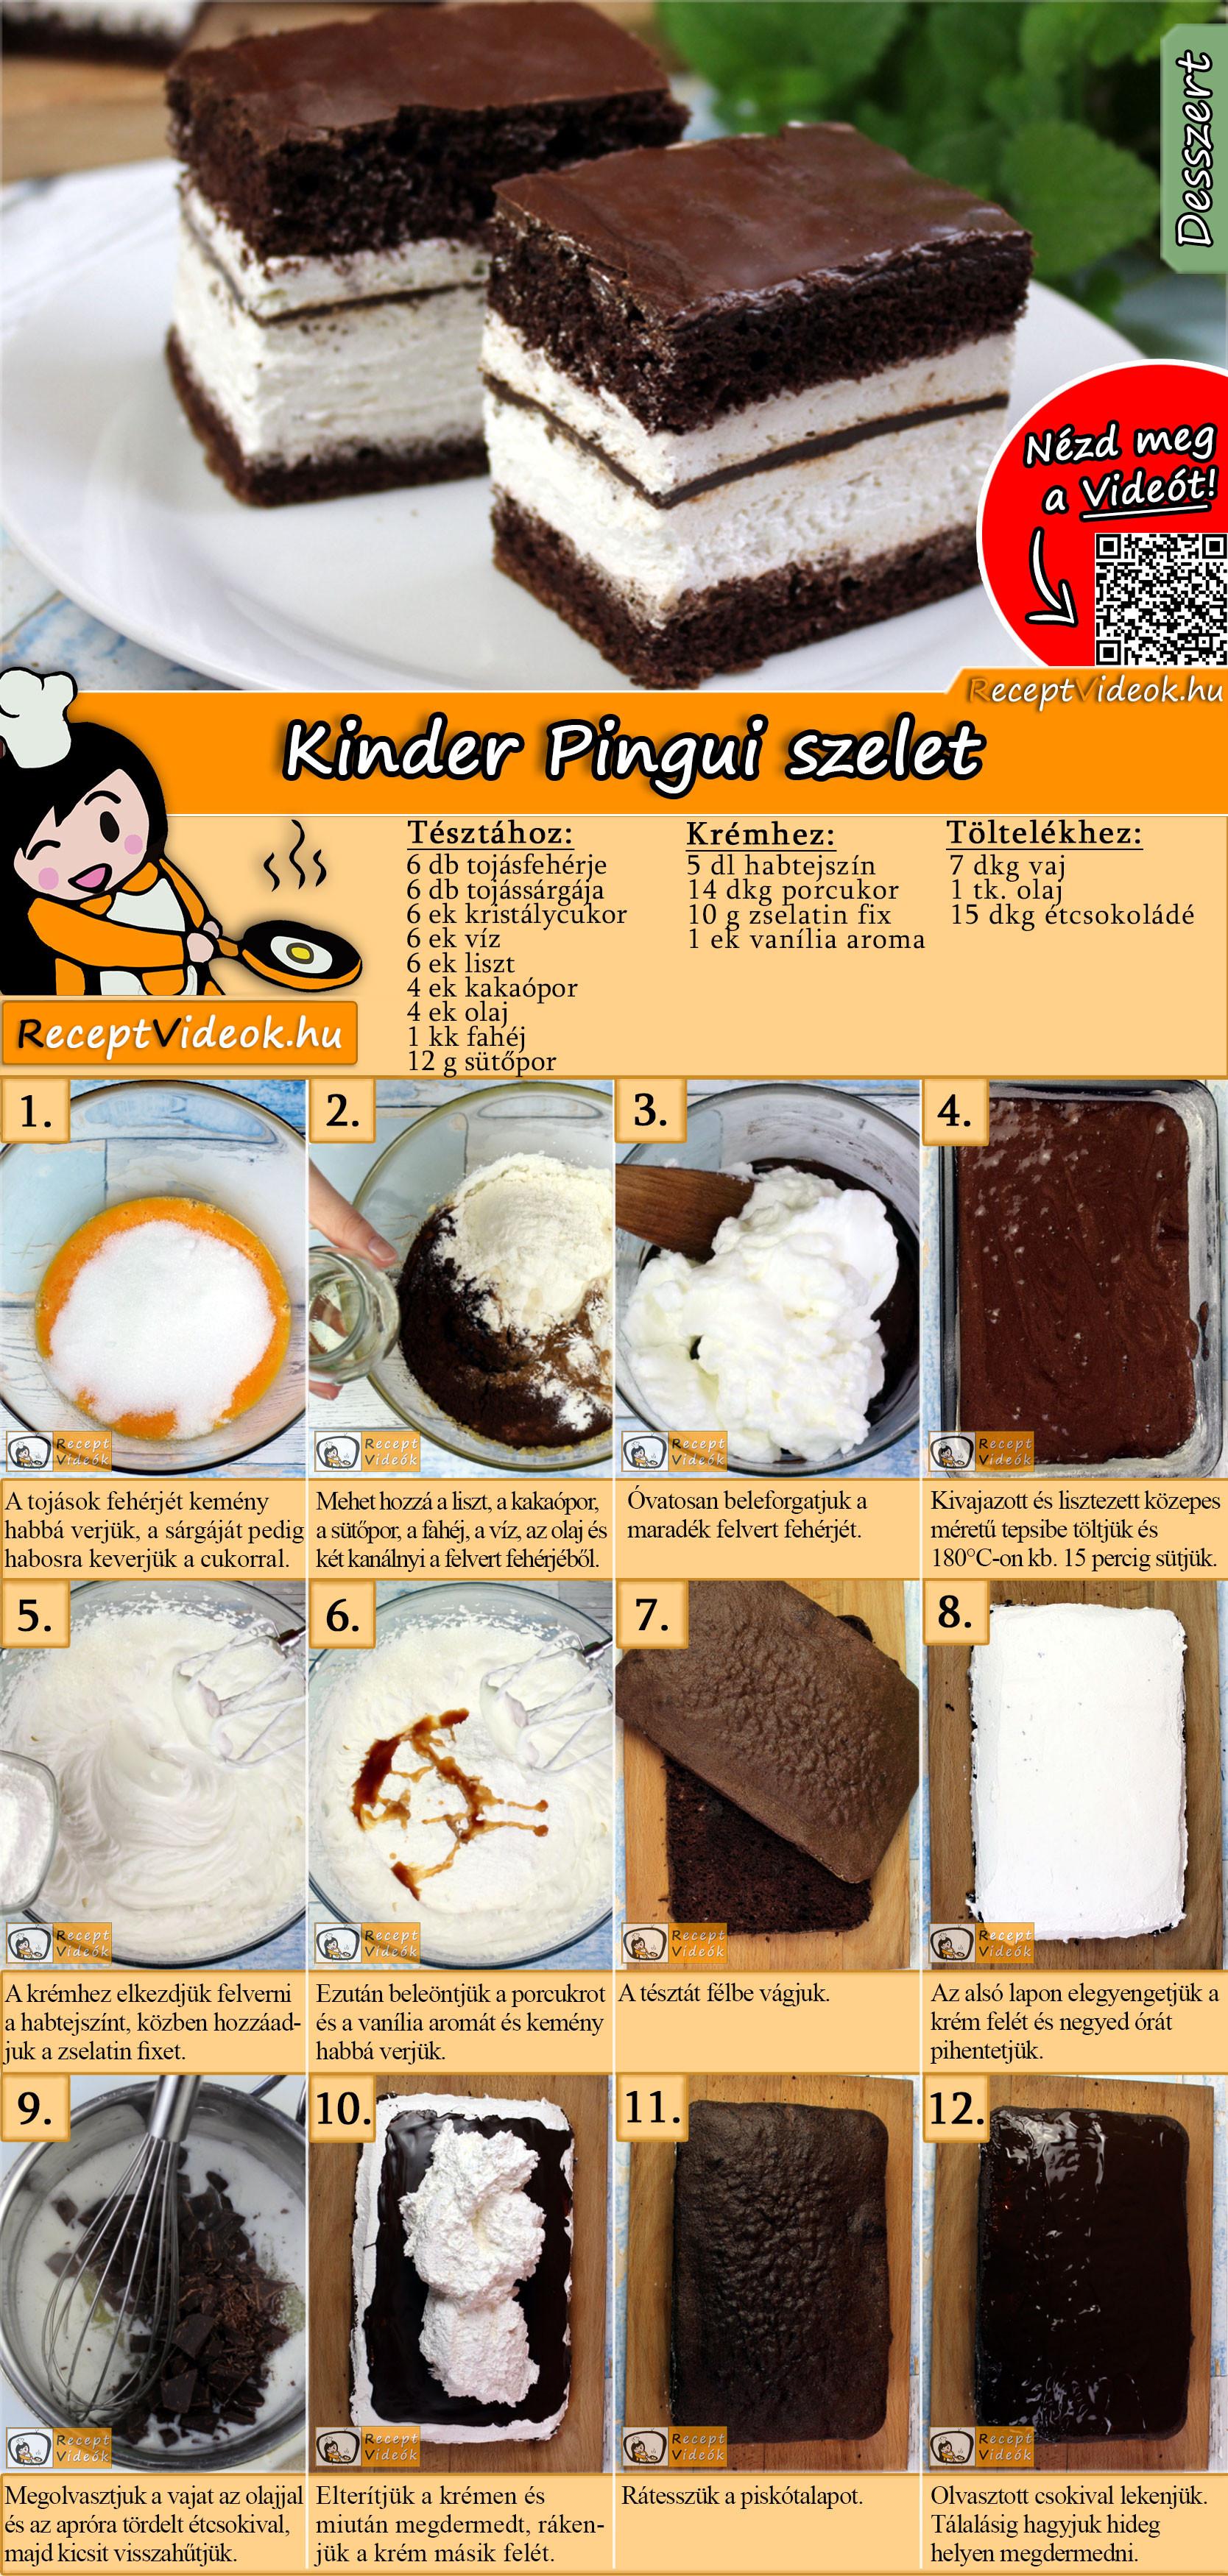 Kinder pingui kocka recept elkészítése videóval